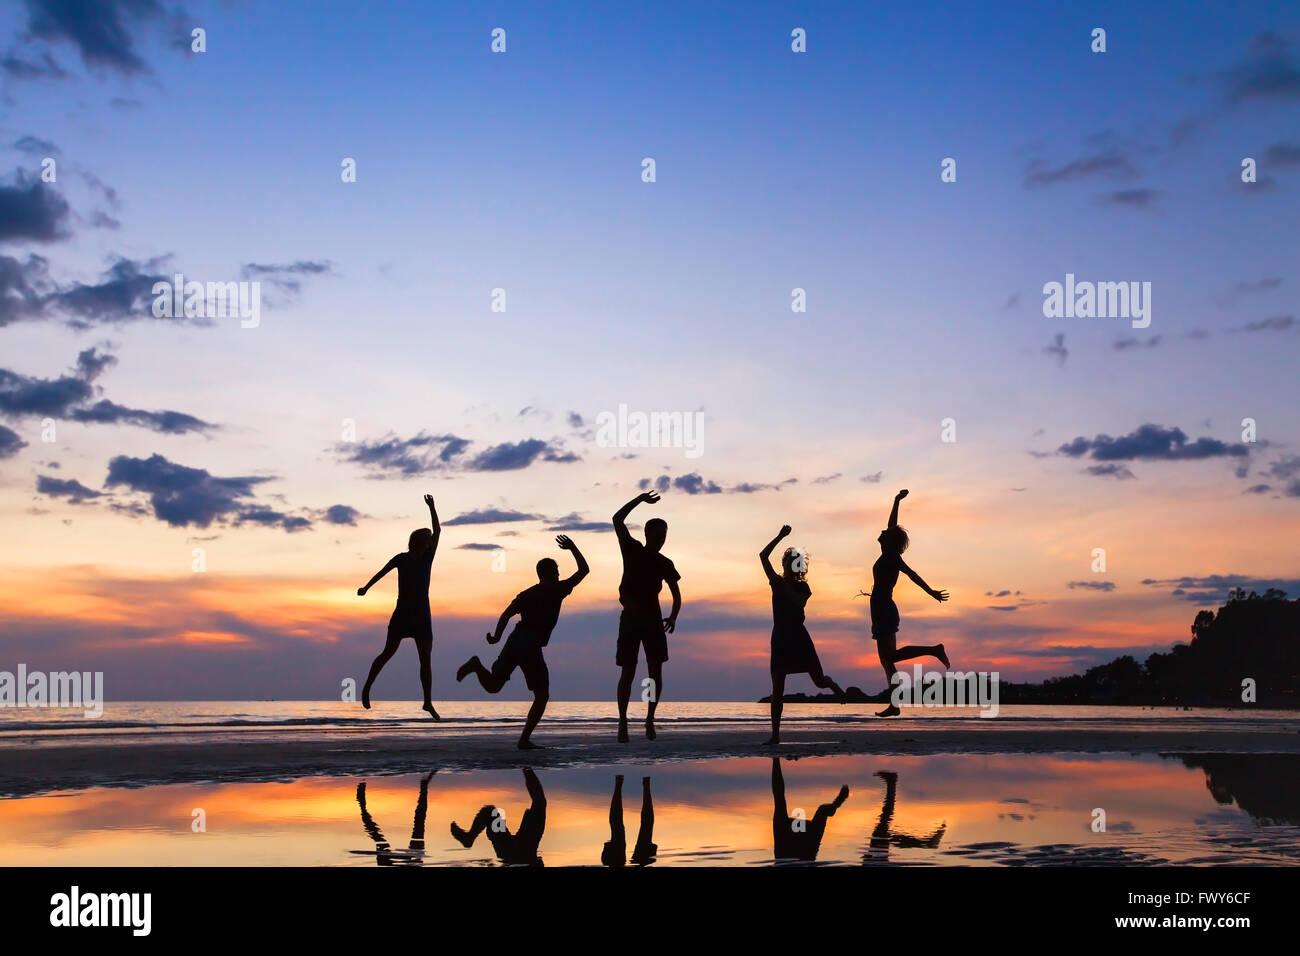 Groupe de personnes sautant sur la plage au coucher du soleil, la silhouette d'amis s'amuser ensemble Photo Stock